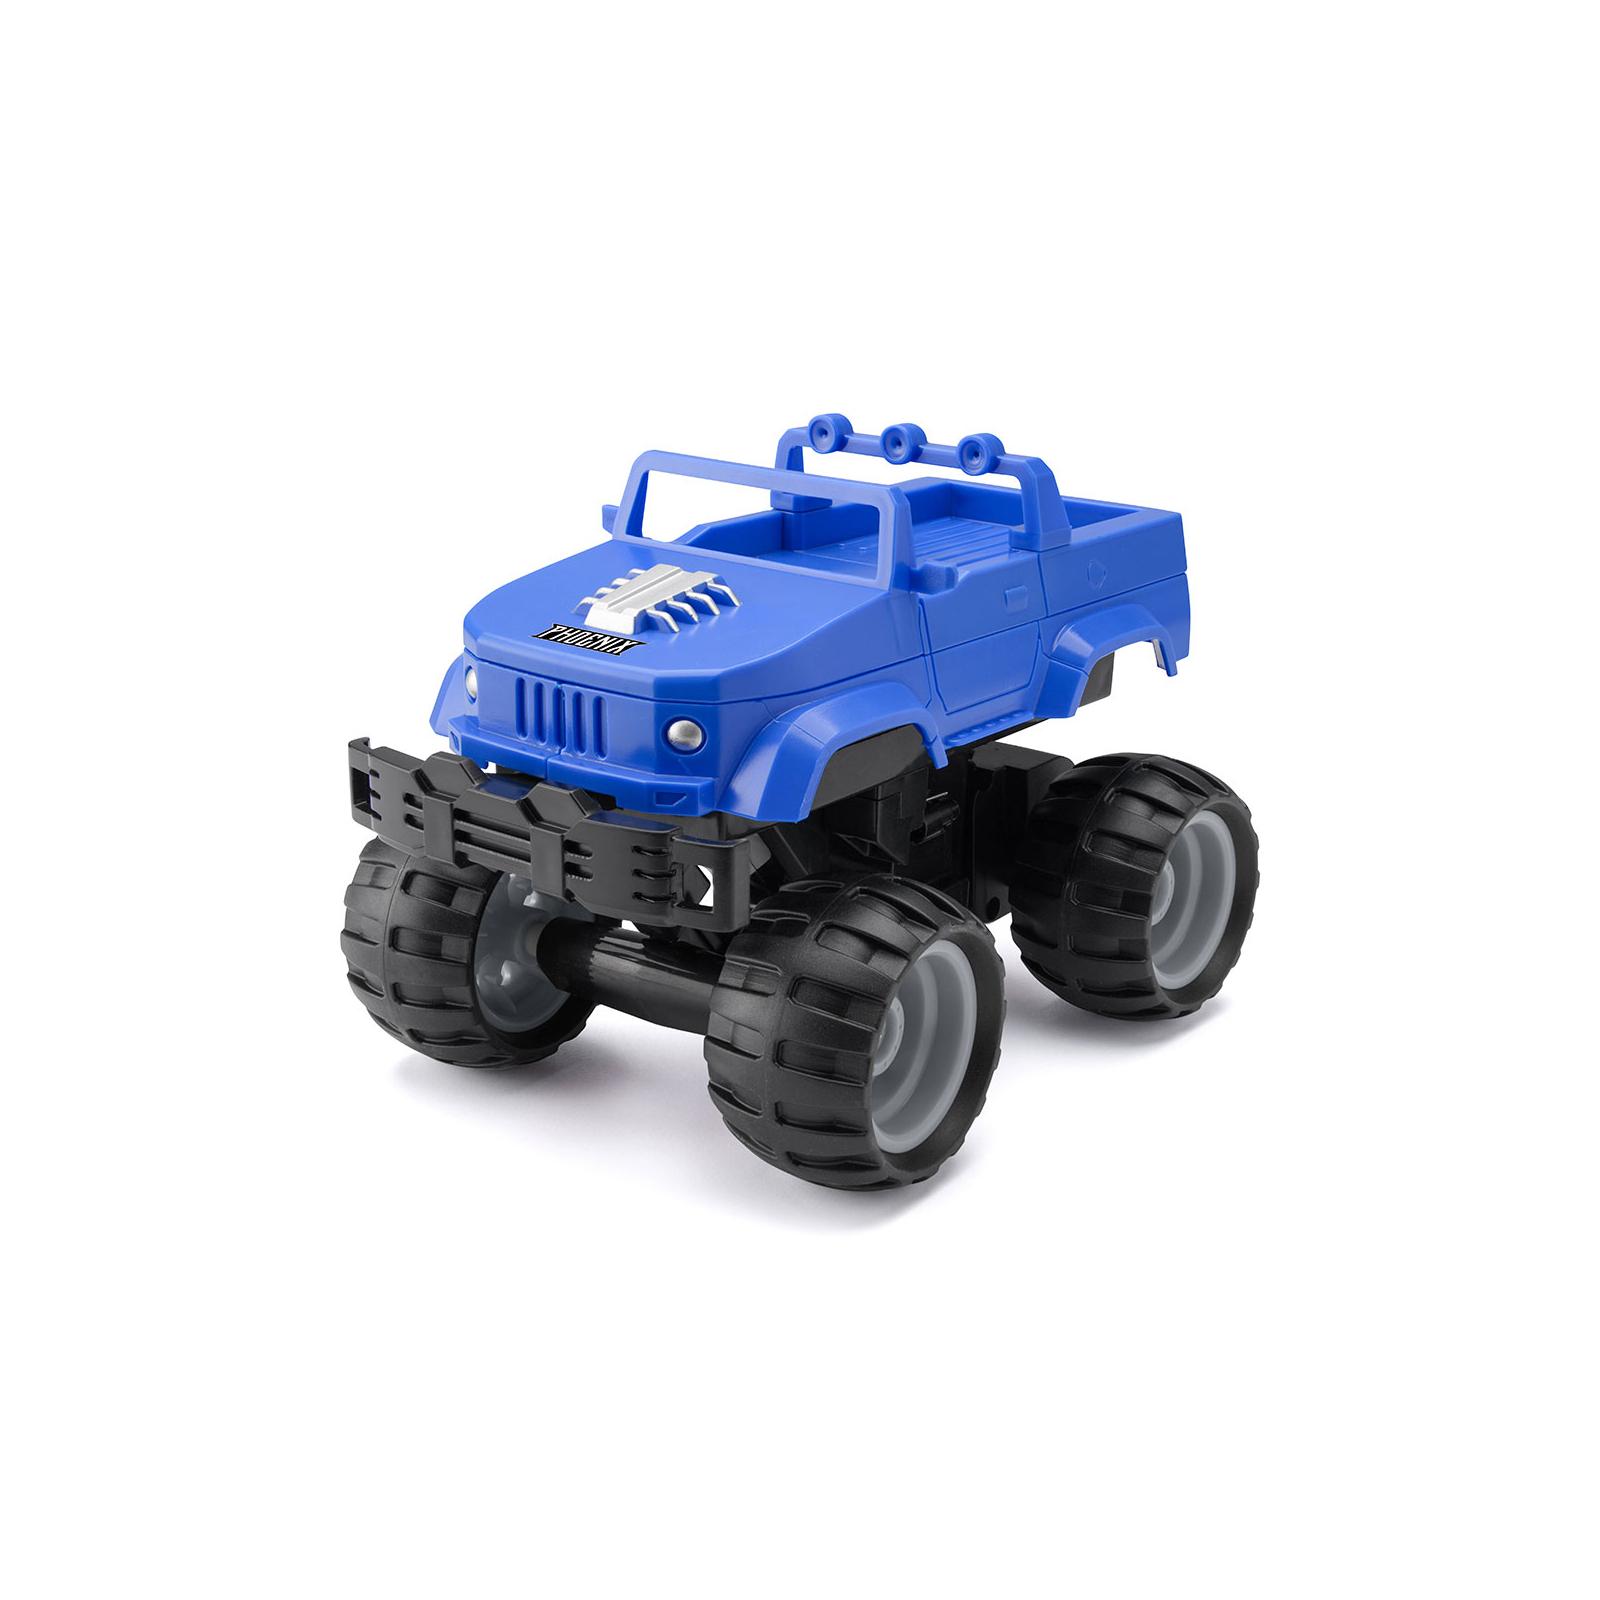 Радиоуправляемая игрушка Monster Smash-Ups Crash Car S2 Киборг Зеленый (TY6082A) изображение 2